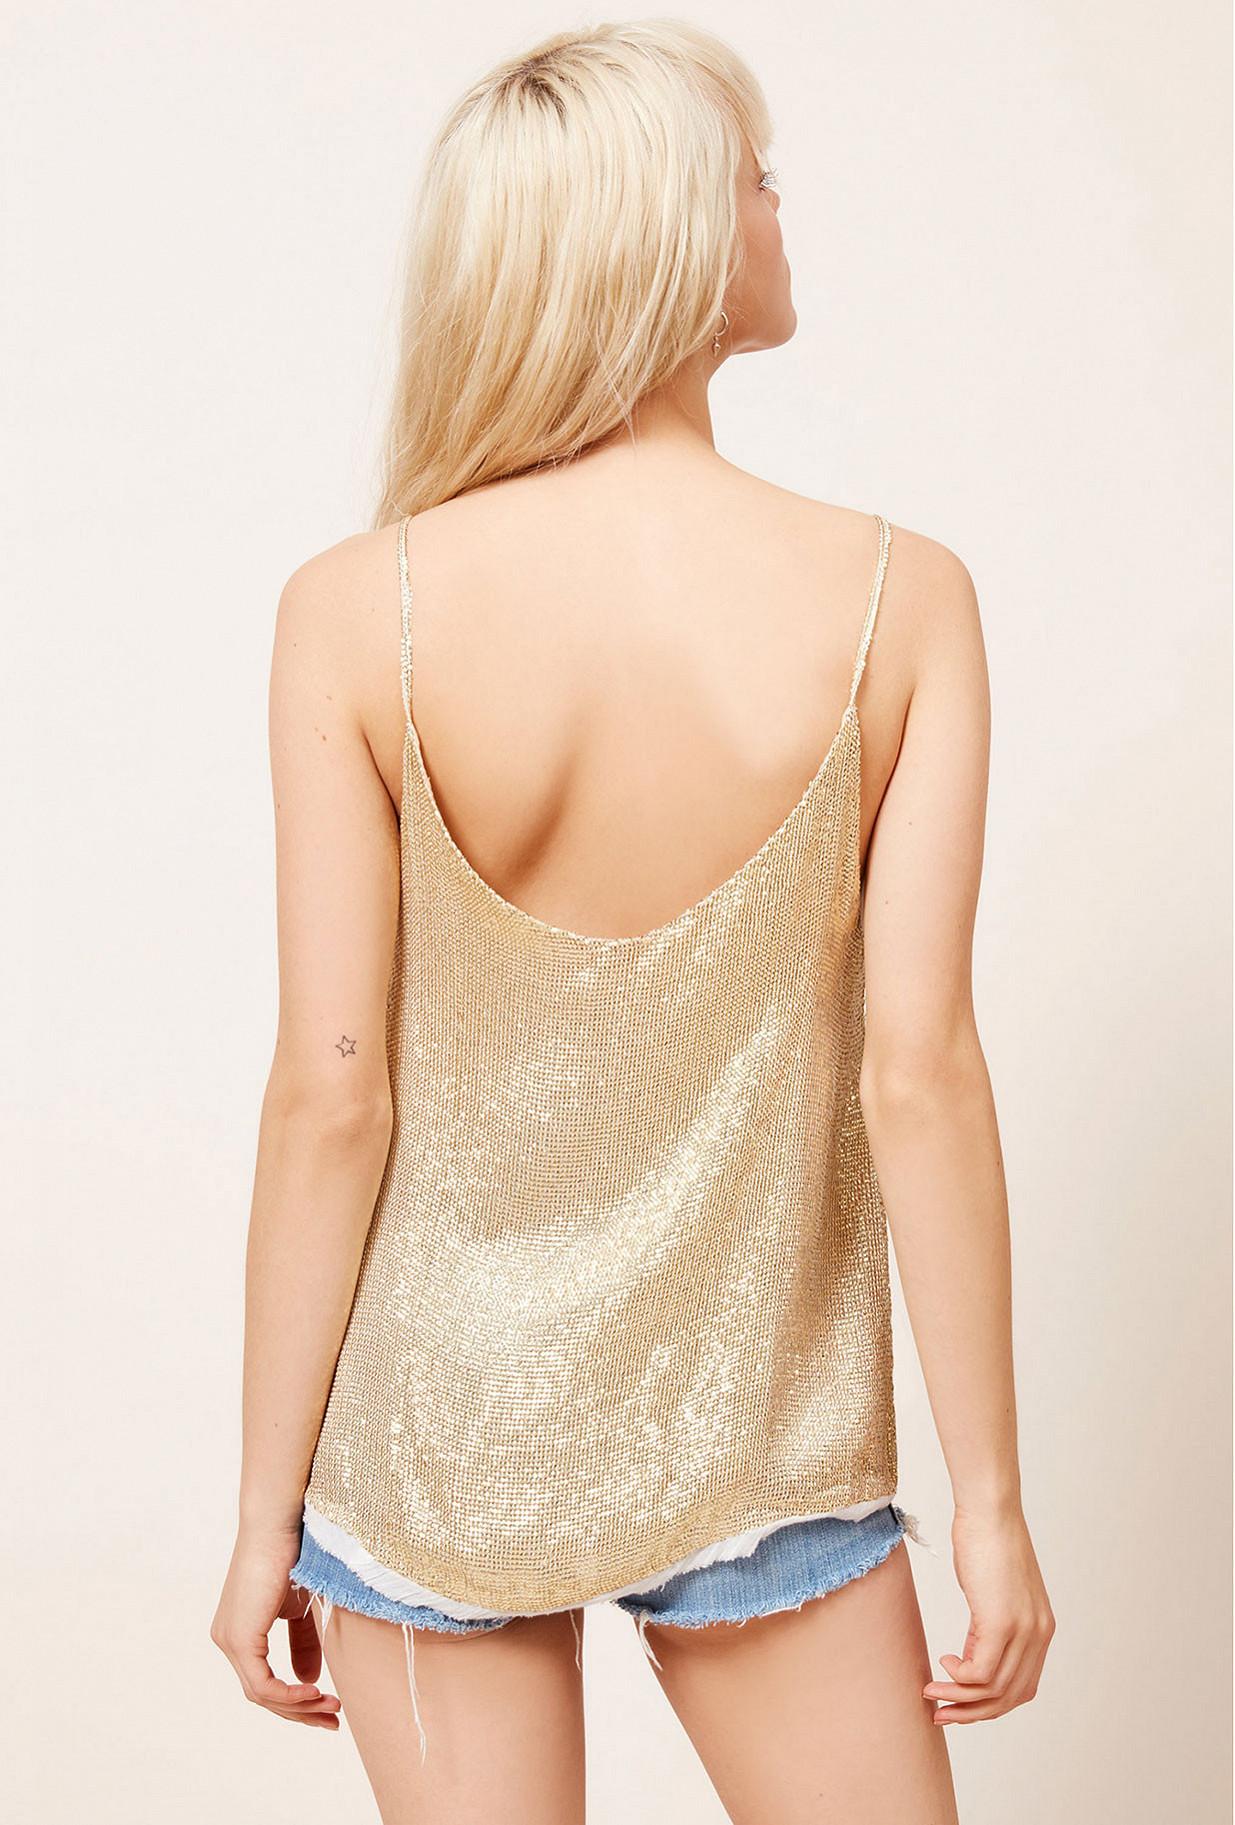 Paris boutique de mode vêtement Top créateur bohème  Photon